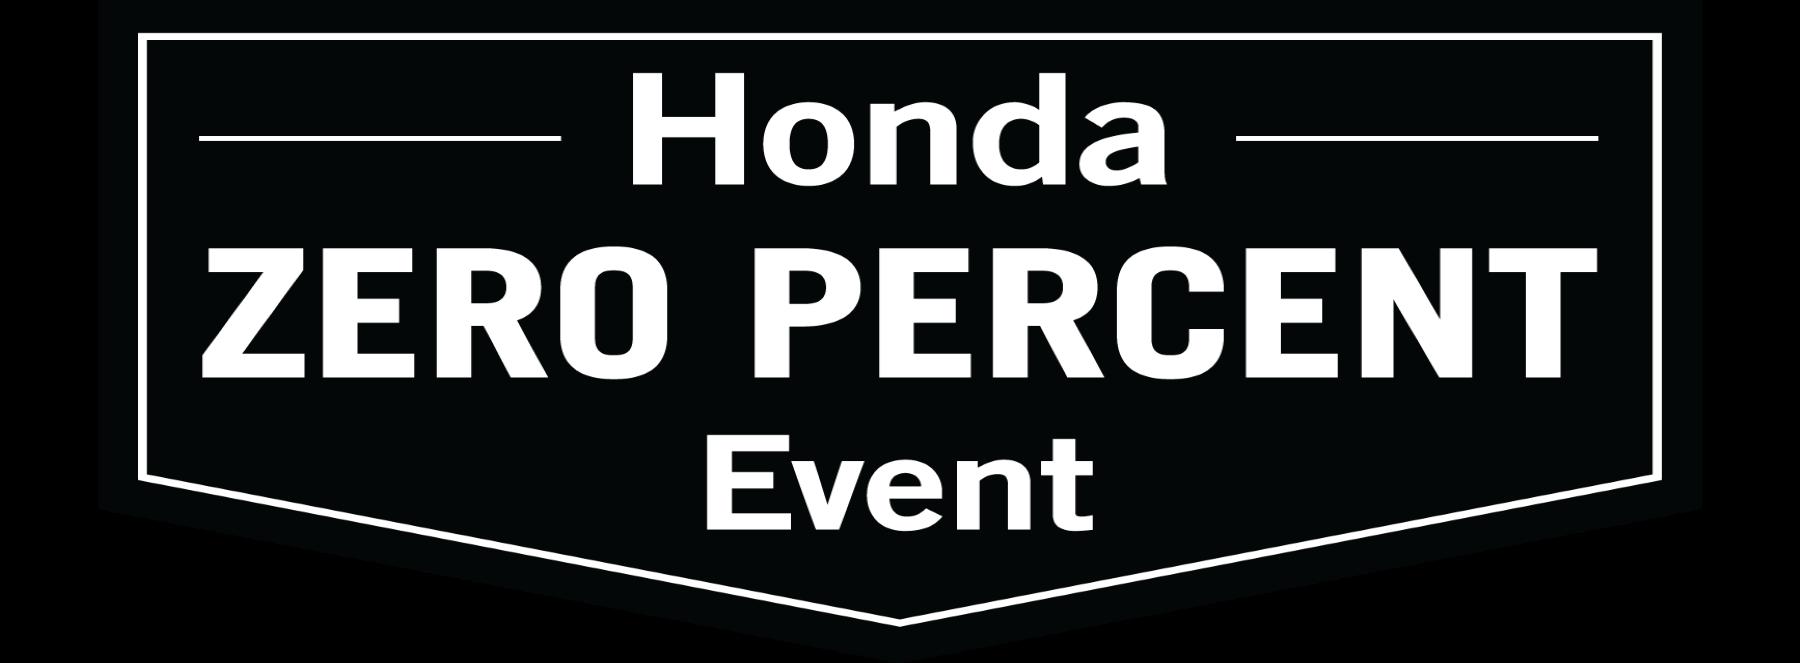 HondaZeroPercentEventLogoblack1800x663